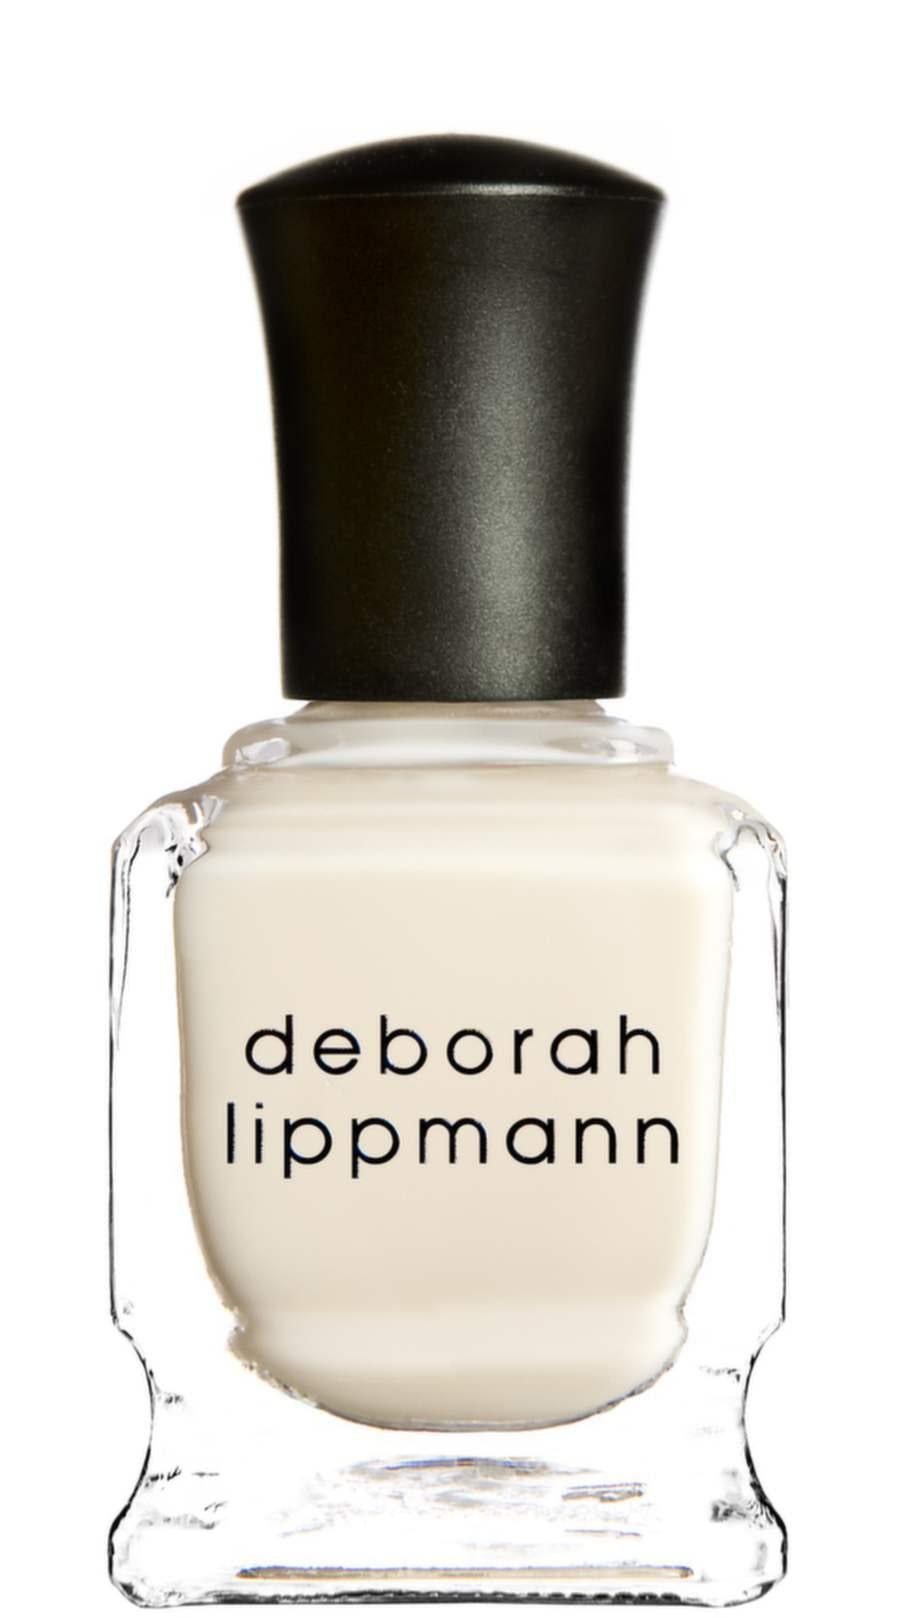 <strong>50 år</strong><br>Ett återfuktande underlack för friska och räfflade naglar. Kan användas ensamt eller under färgat nagellack. Innehåller kiselsyra och silkefibrer som fyller ut räfflorna och ger en jämn yta så att lacket får fäste.<br>Ridge filler base coat, Deborah lippmann<br>198 kronor, glamazon.se